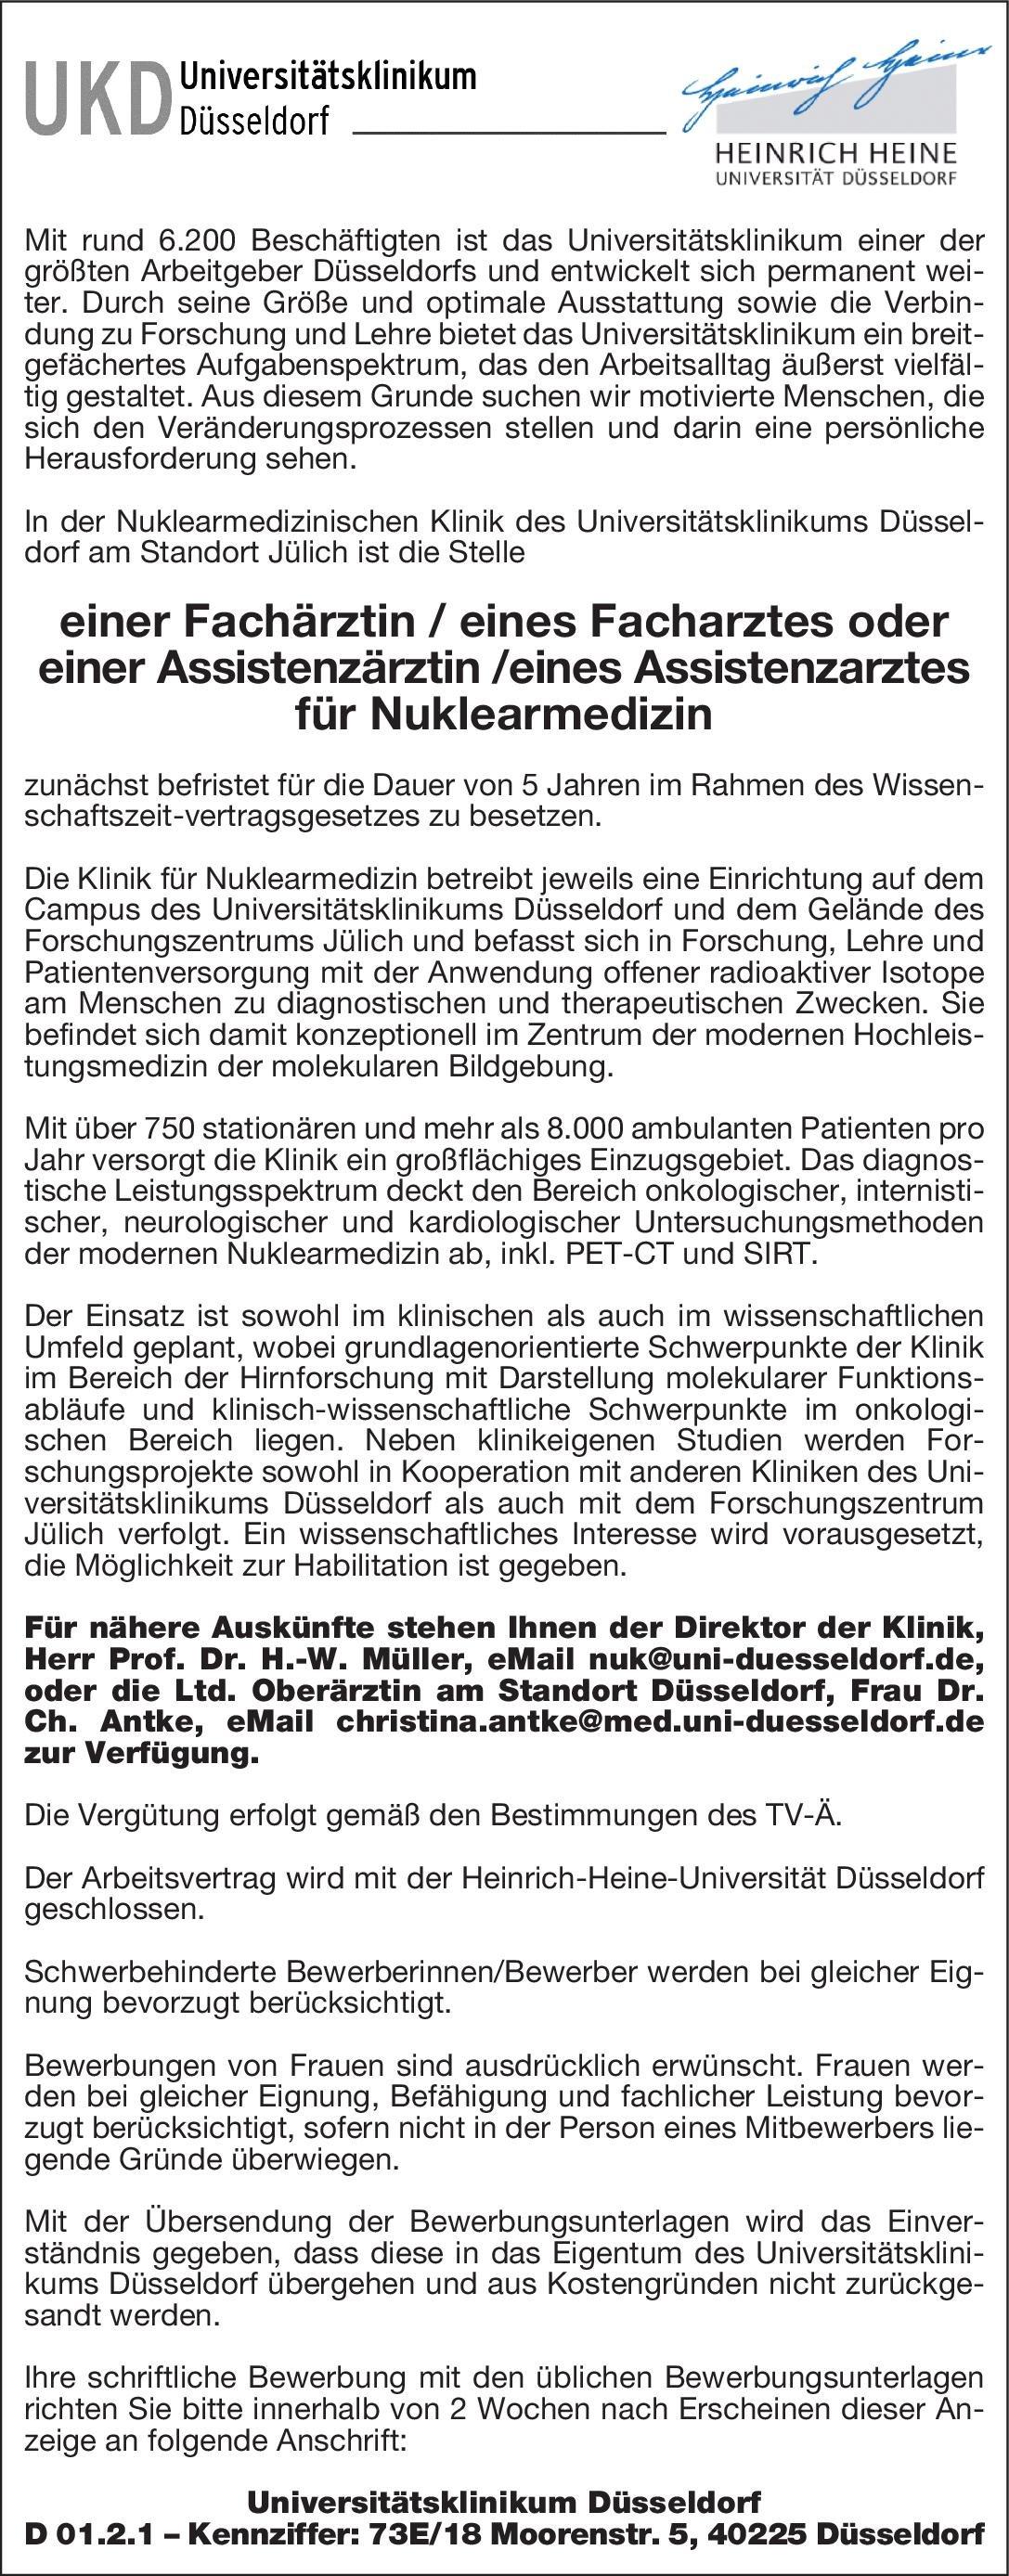 universittsklinikum dsseldorf fachrztinfacharzt oder assistenzrztinassistenzarzt fr nuklearmedizin nuklearmedizin arztfacharzt - Dsseldorf Uni Bewerbung